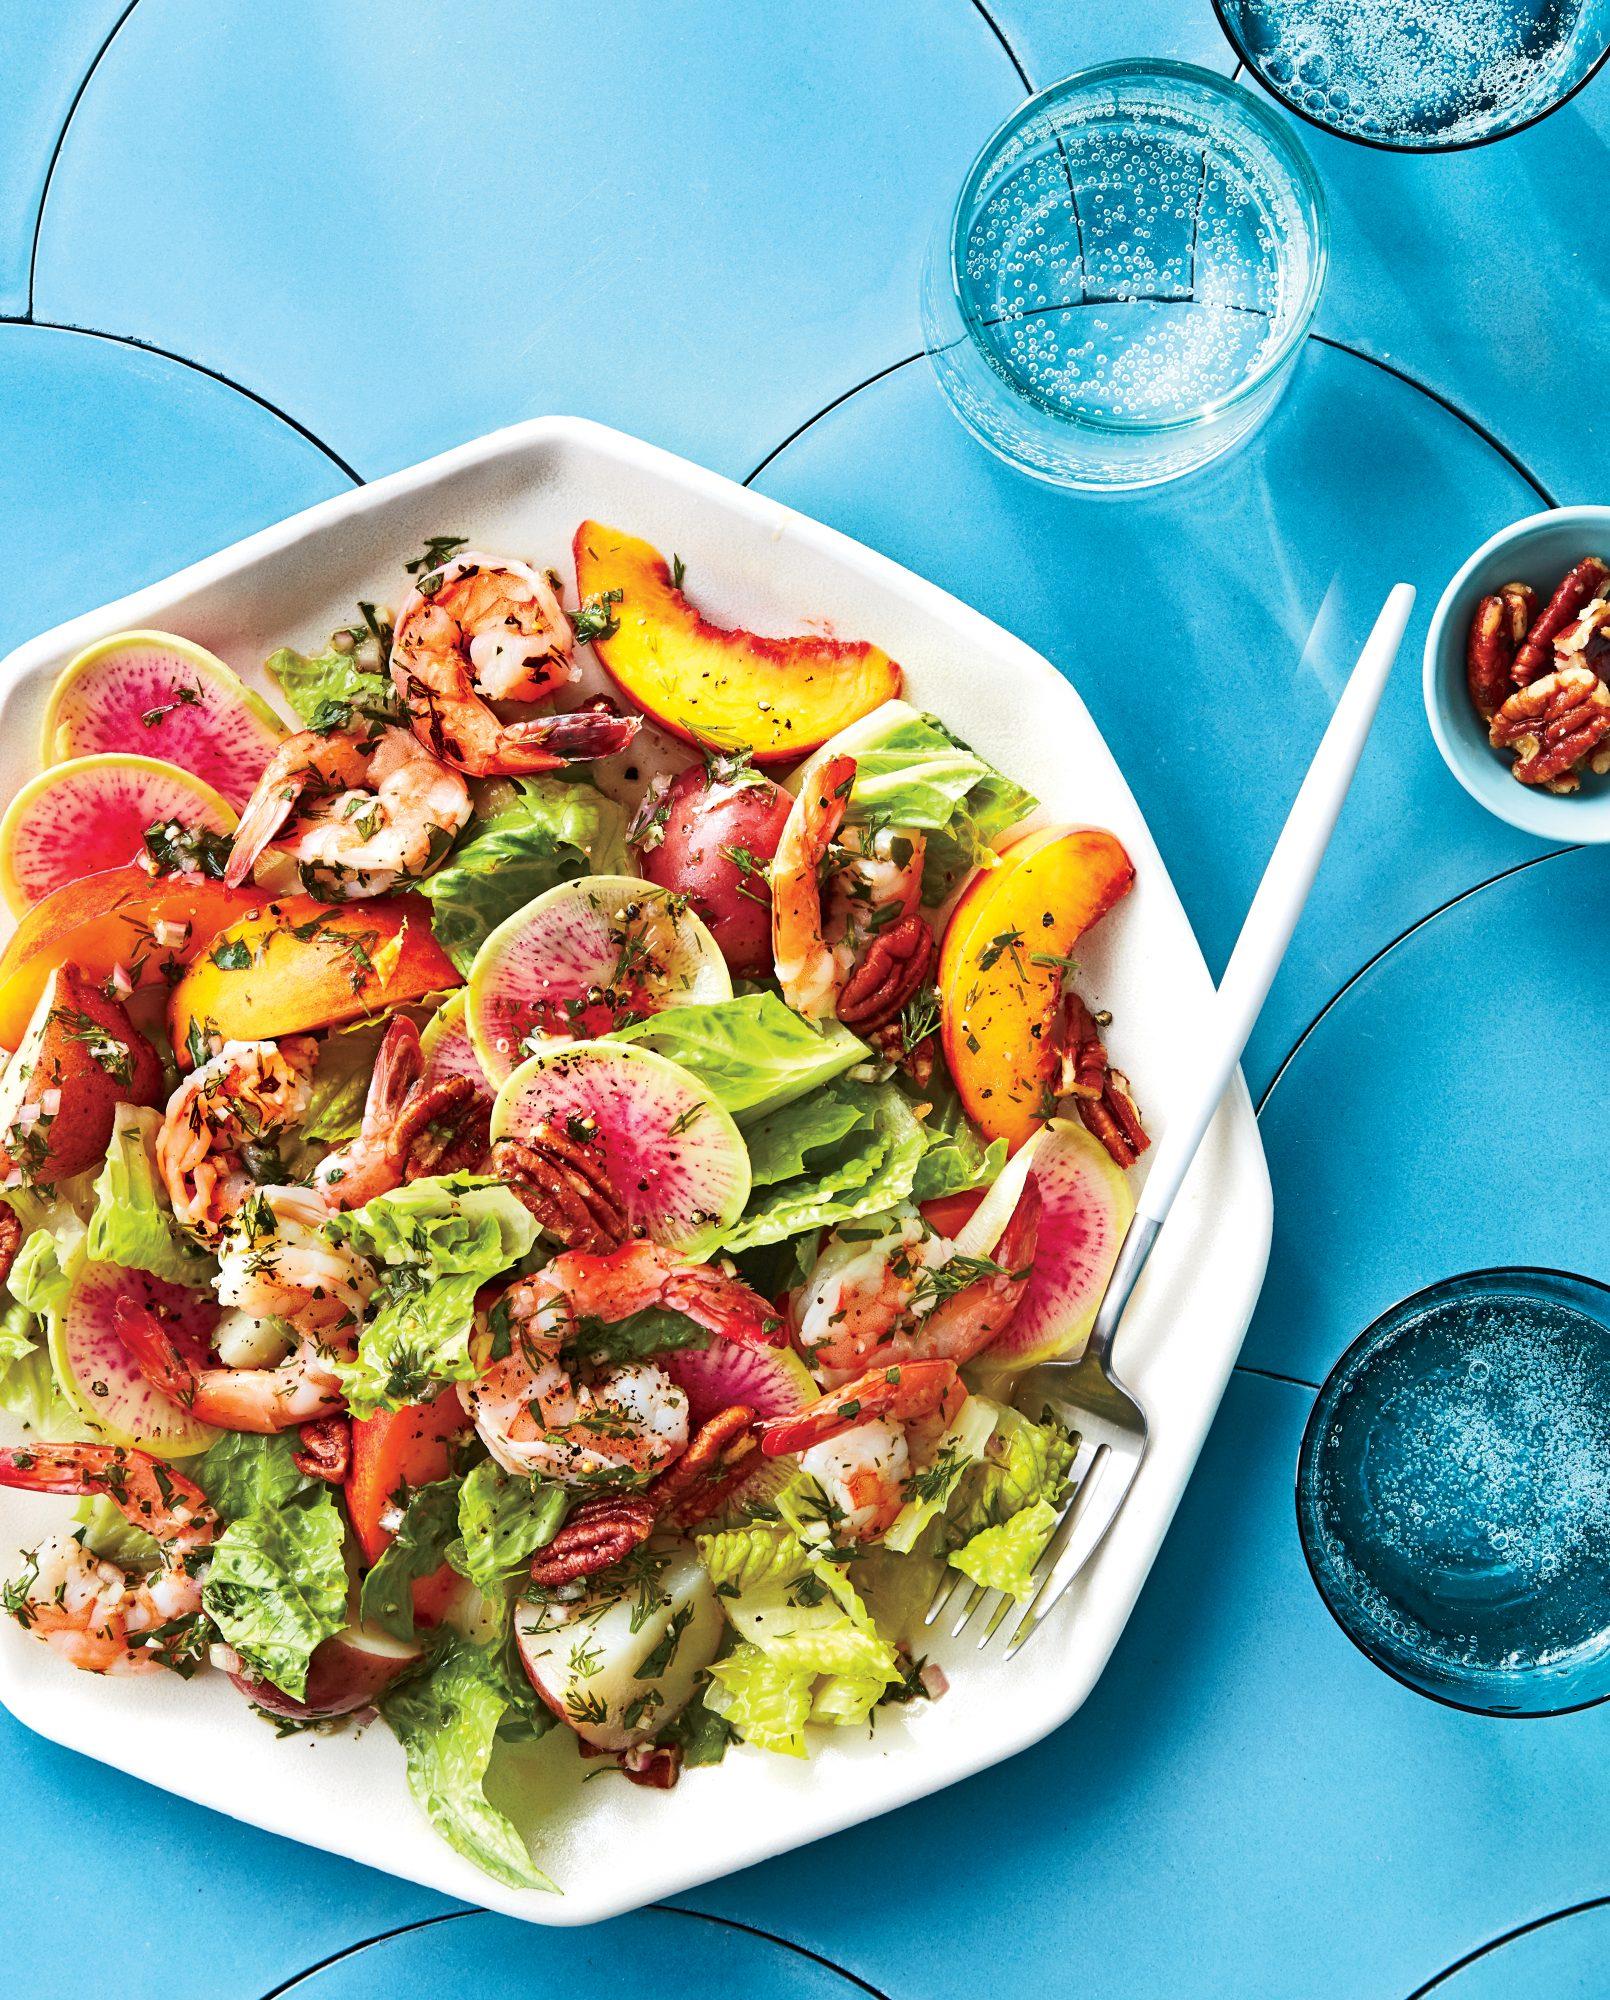 Southern Waldorf Salad